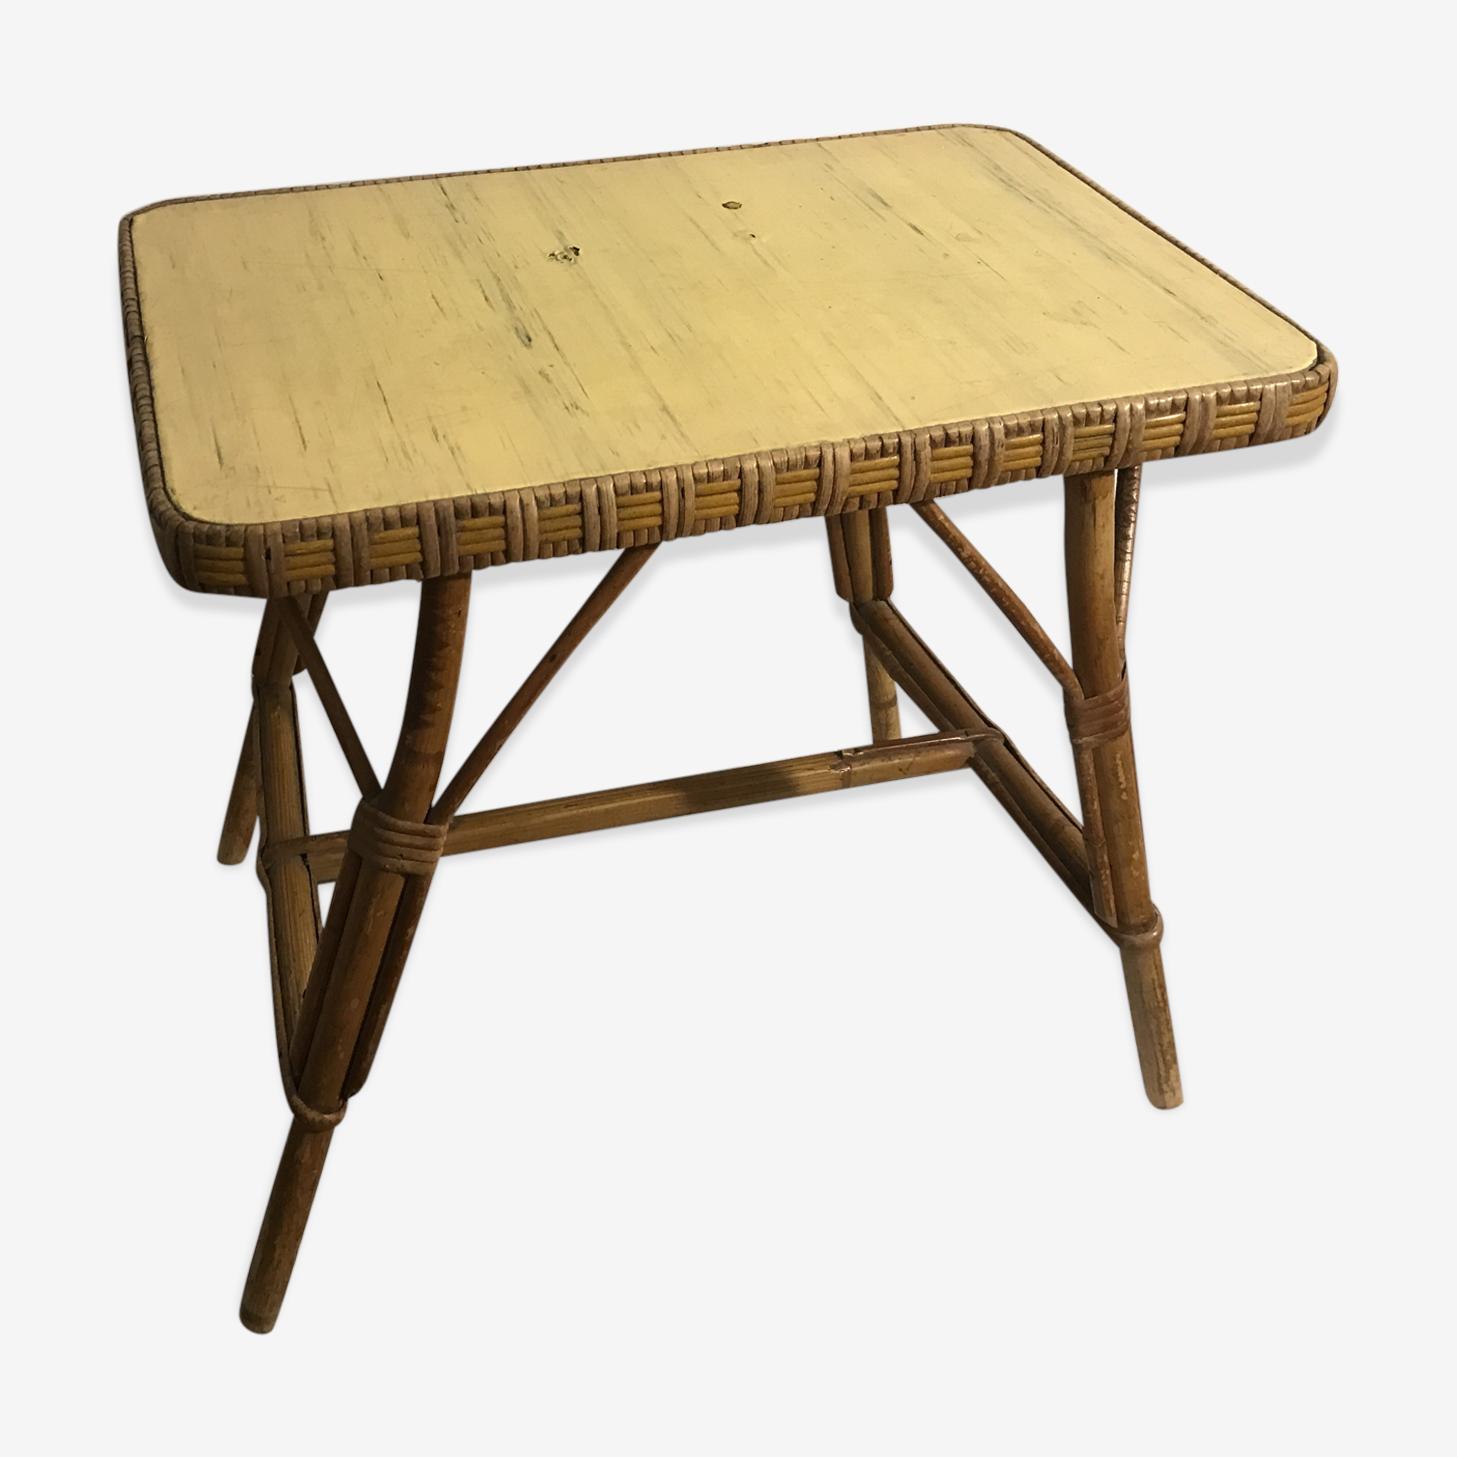 Table basse en rotin tressé vintage année 60